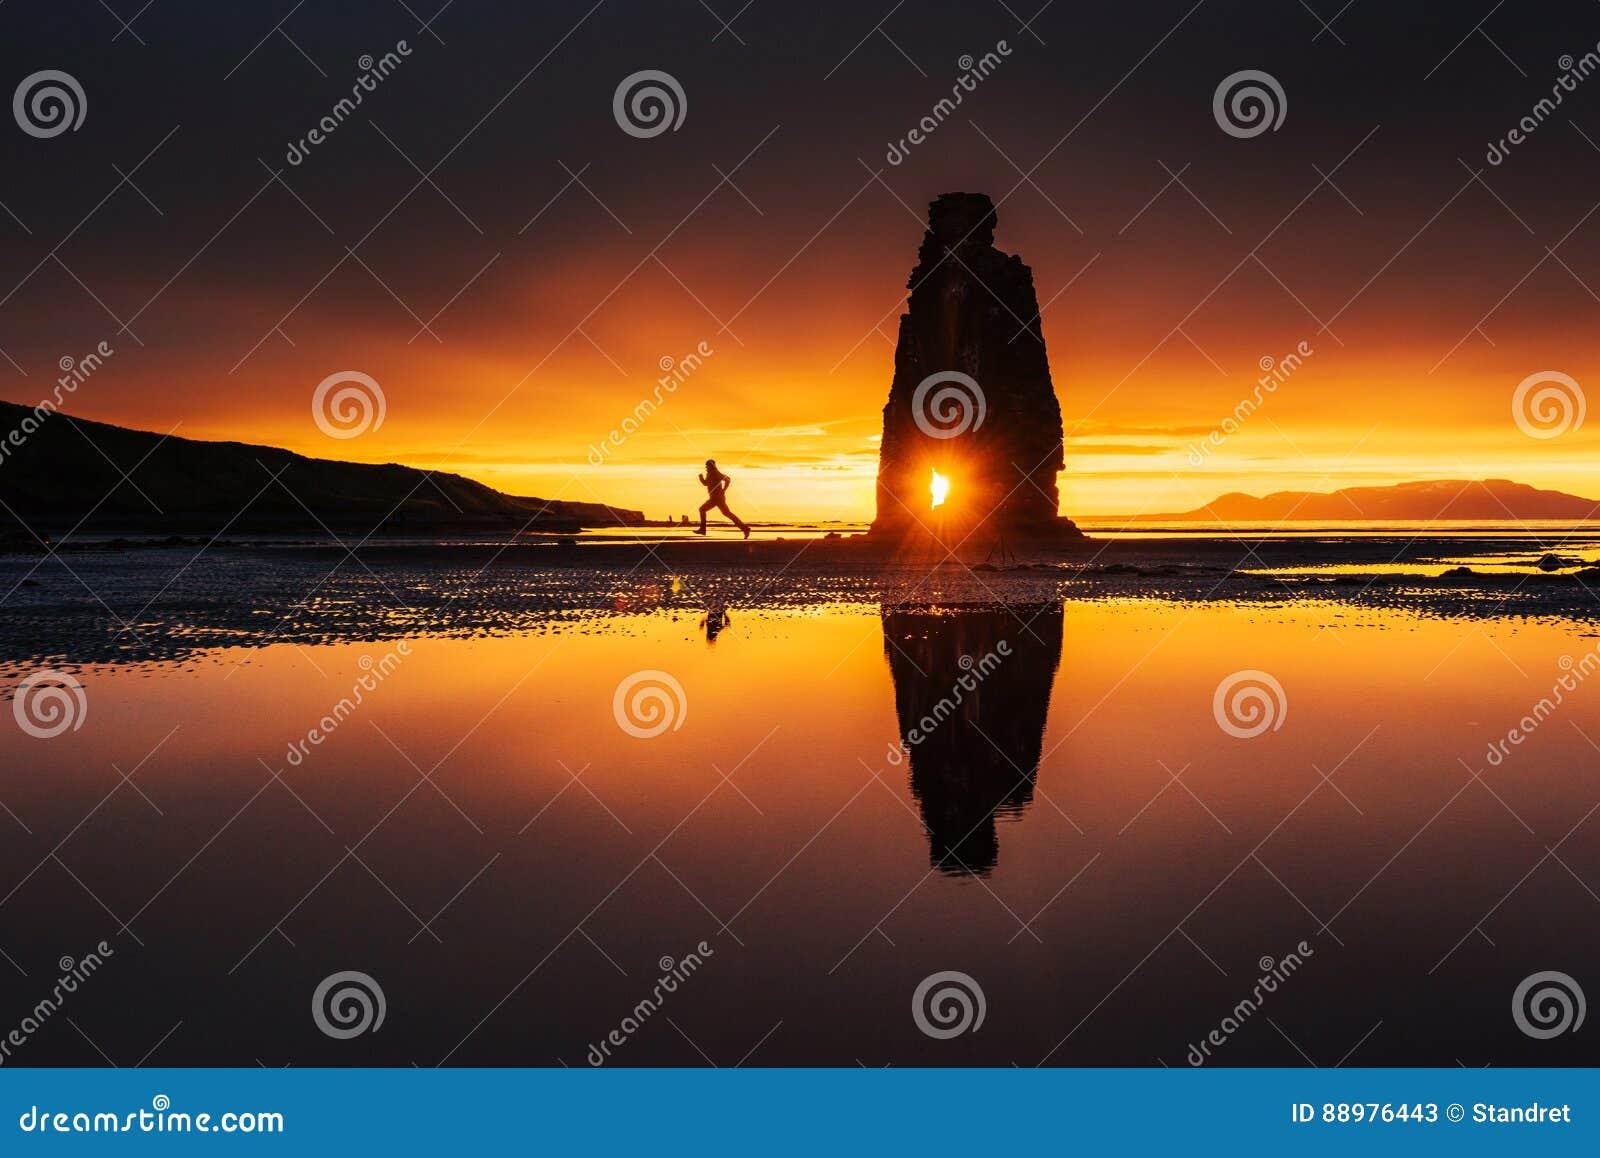 Hvitserkur un altezza di 15 m. È una roccia spettacolare nel mare sulla costa nordica dell Islanda questa foto riflette nell acqu